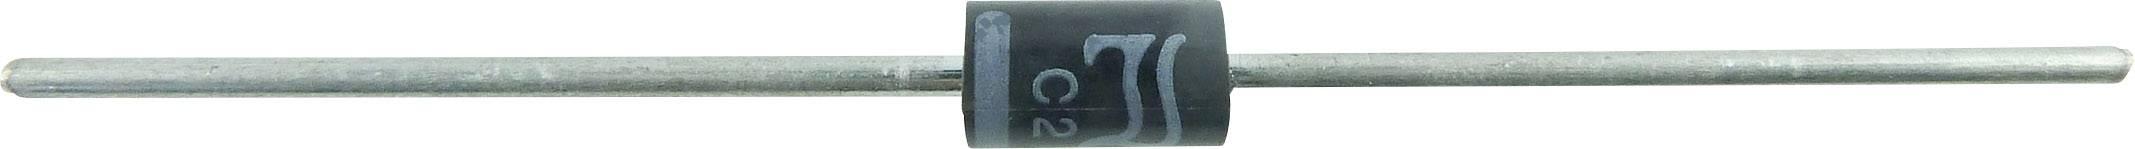 Kremíková usmerňovacia dióda Diotec 1N5406 1N5406 DO-201, 3 A, 600 V